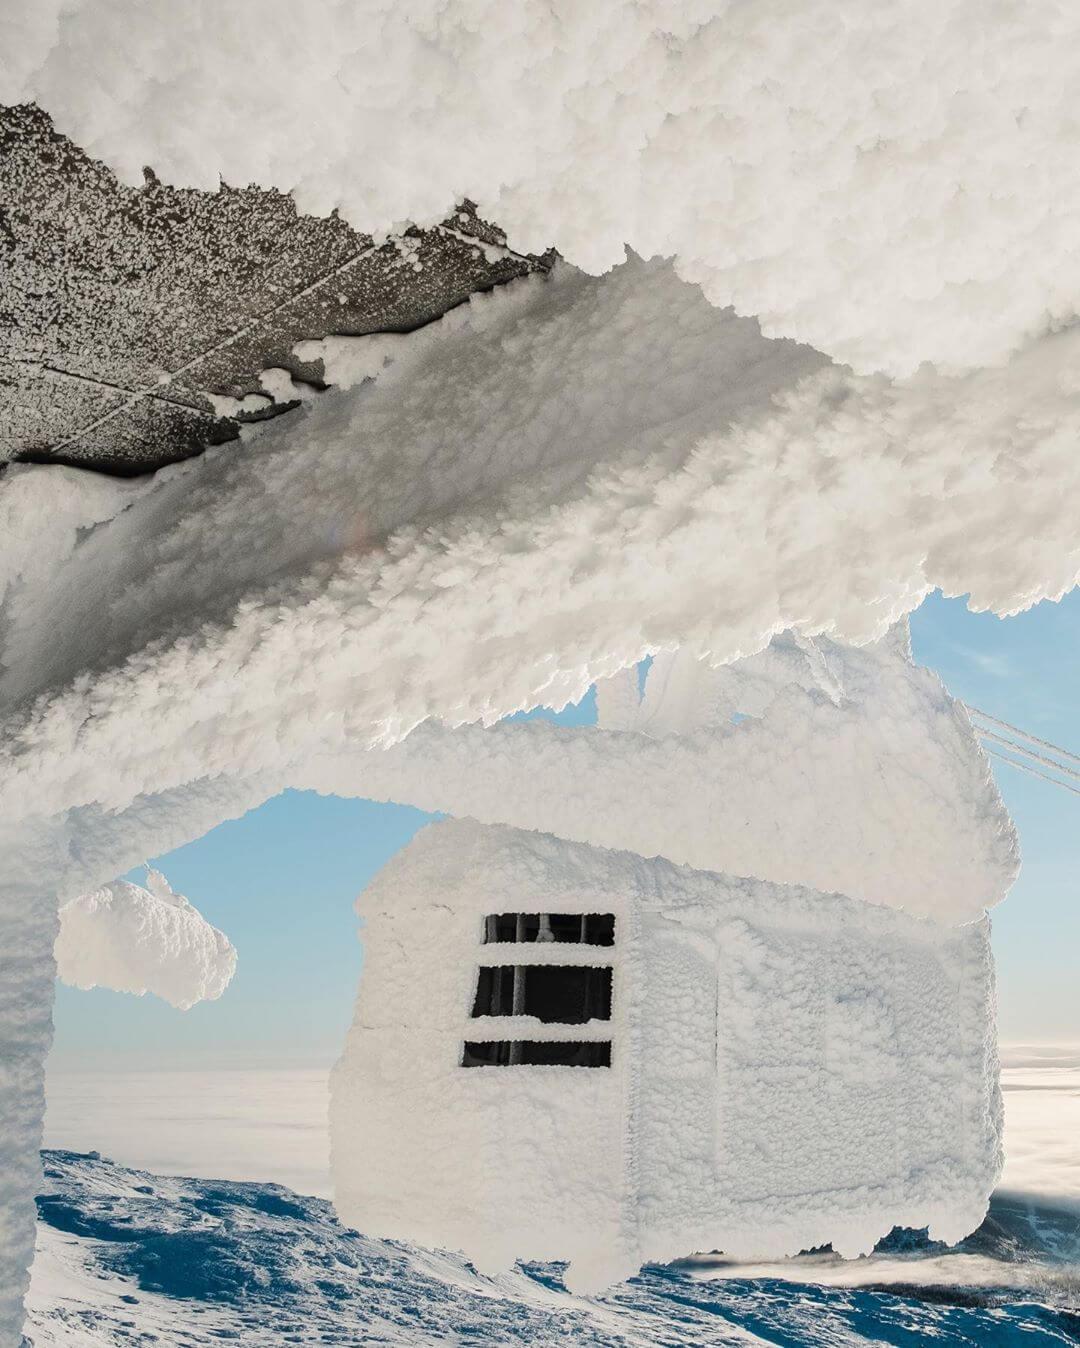 Иней превратил горнолыжный курорт Швеции Оре в большой сугроб